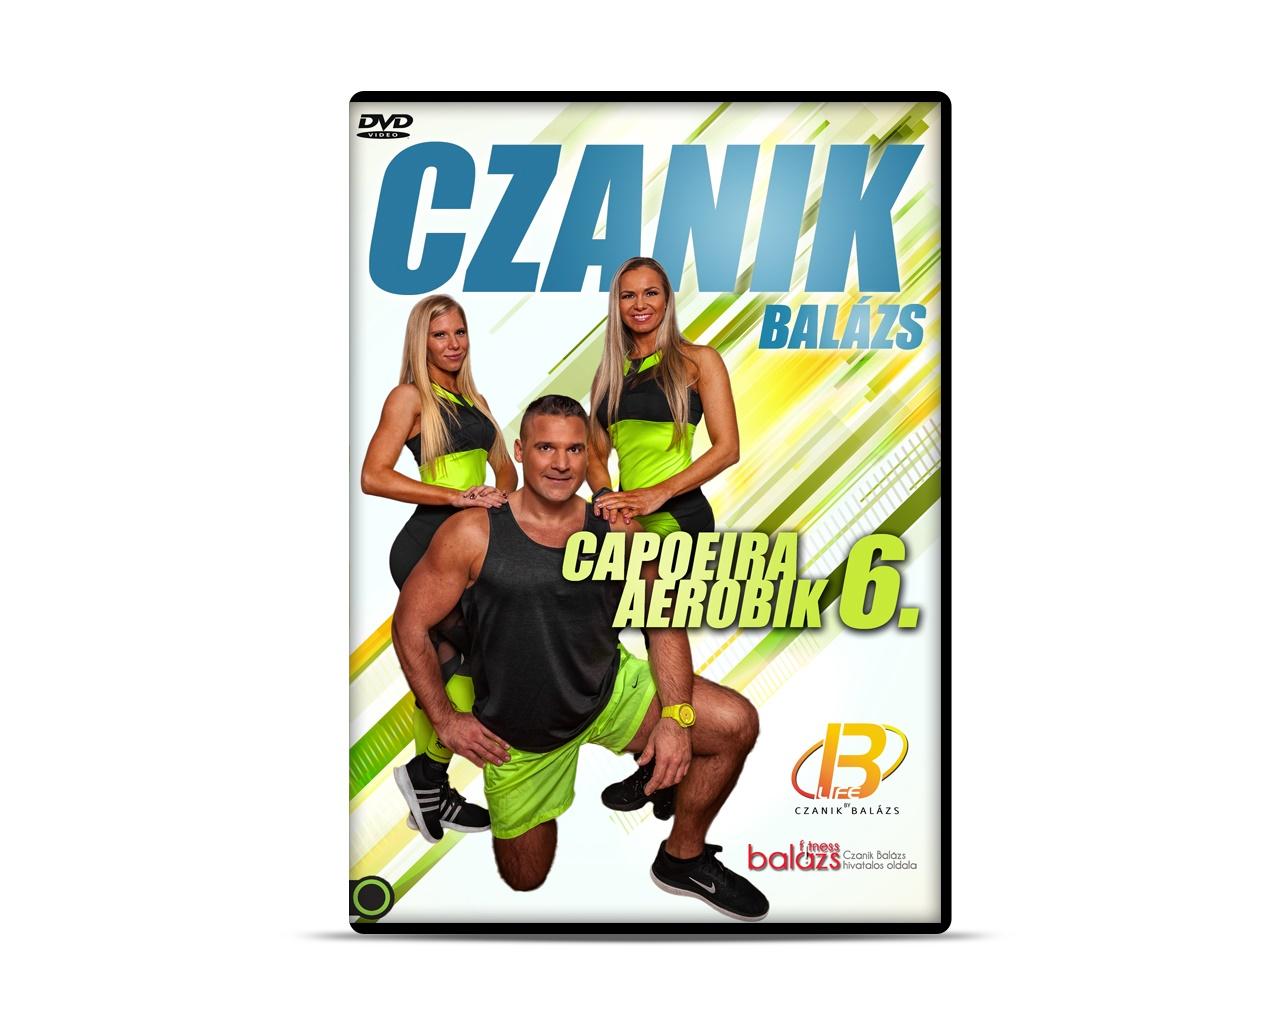 Capoeira aerobik 6. - DVD